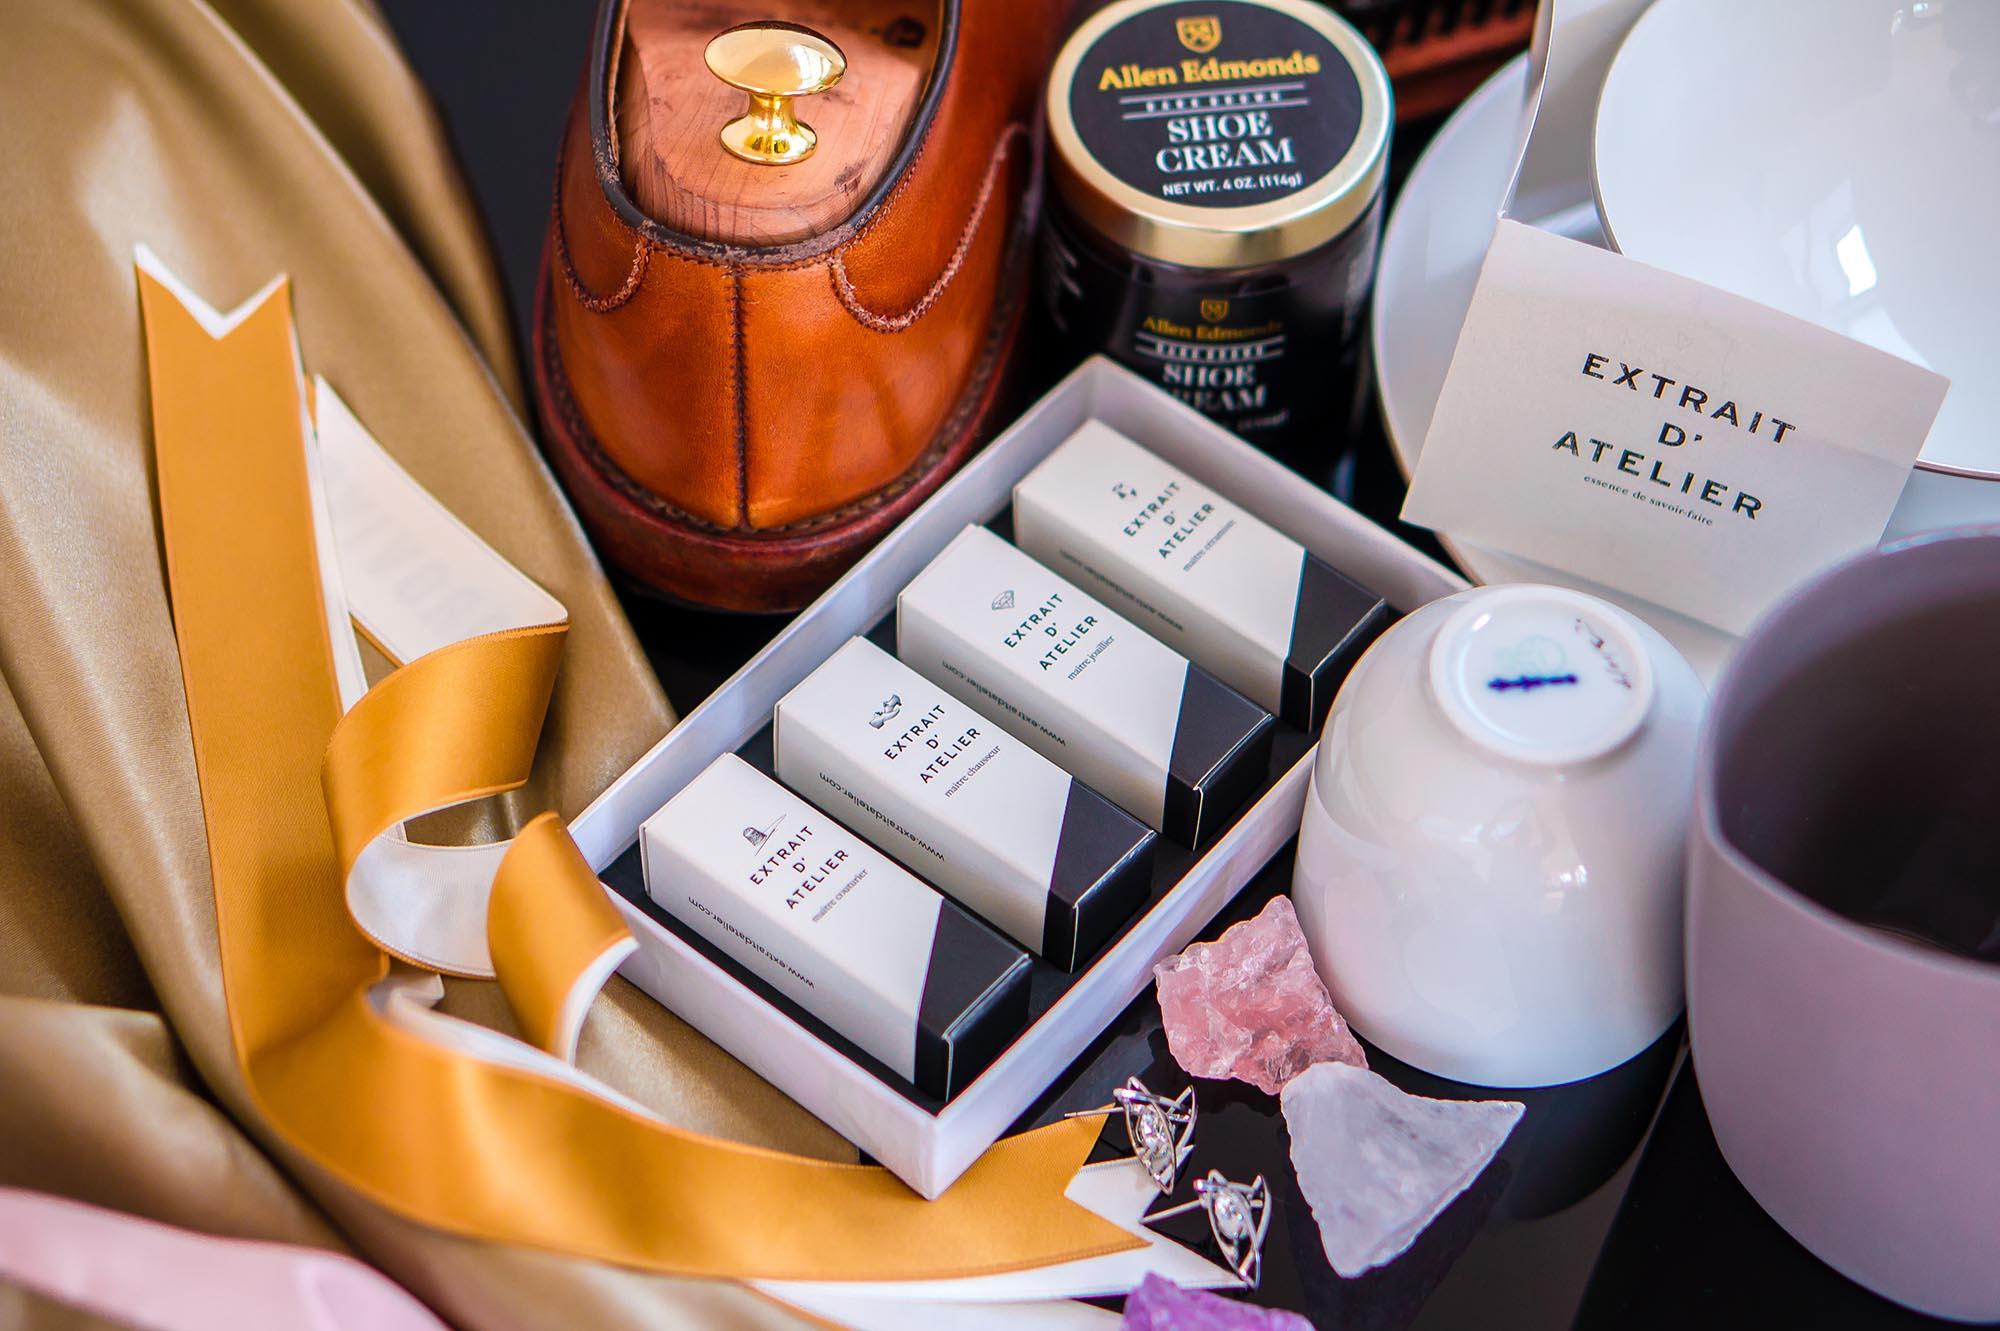 Высокая мода в парфюмерии: нишевые ароматы Extrait D'Atelier